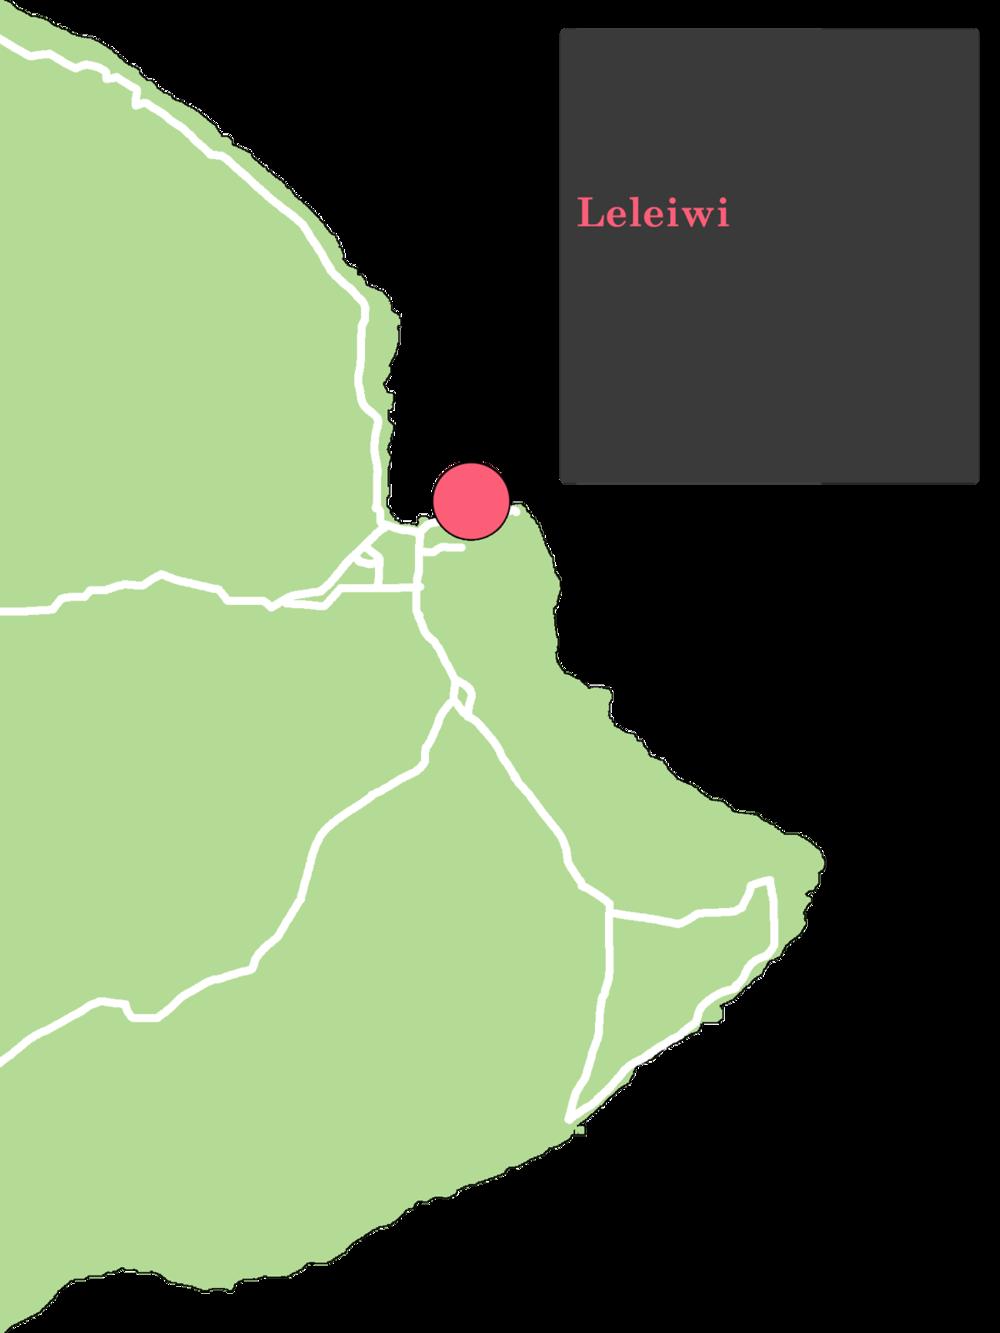 LeleiwiHiloMap.png